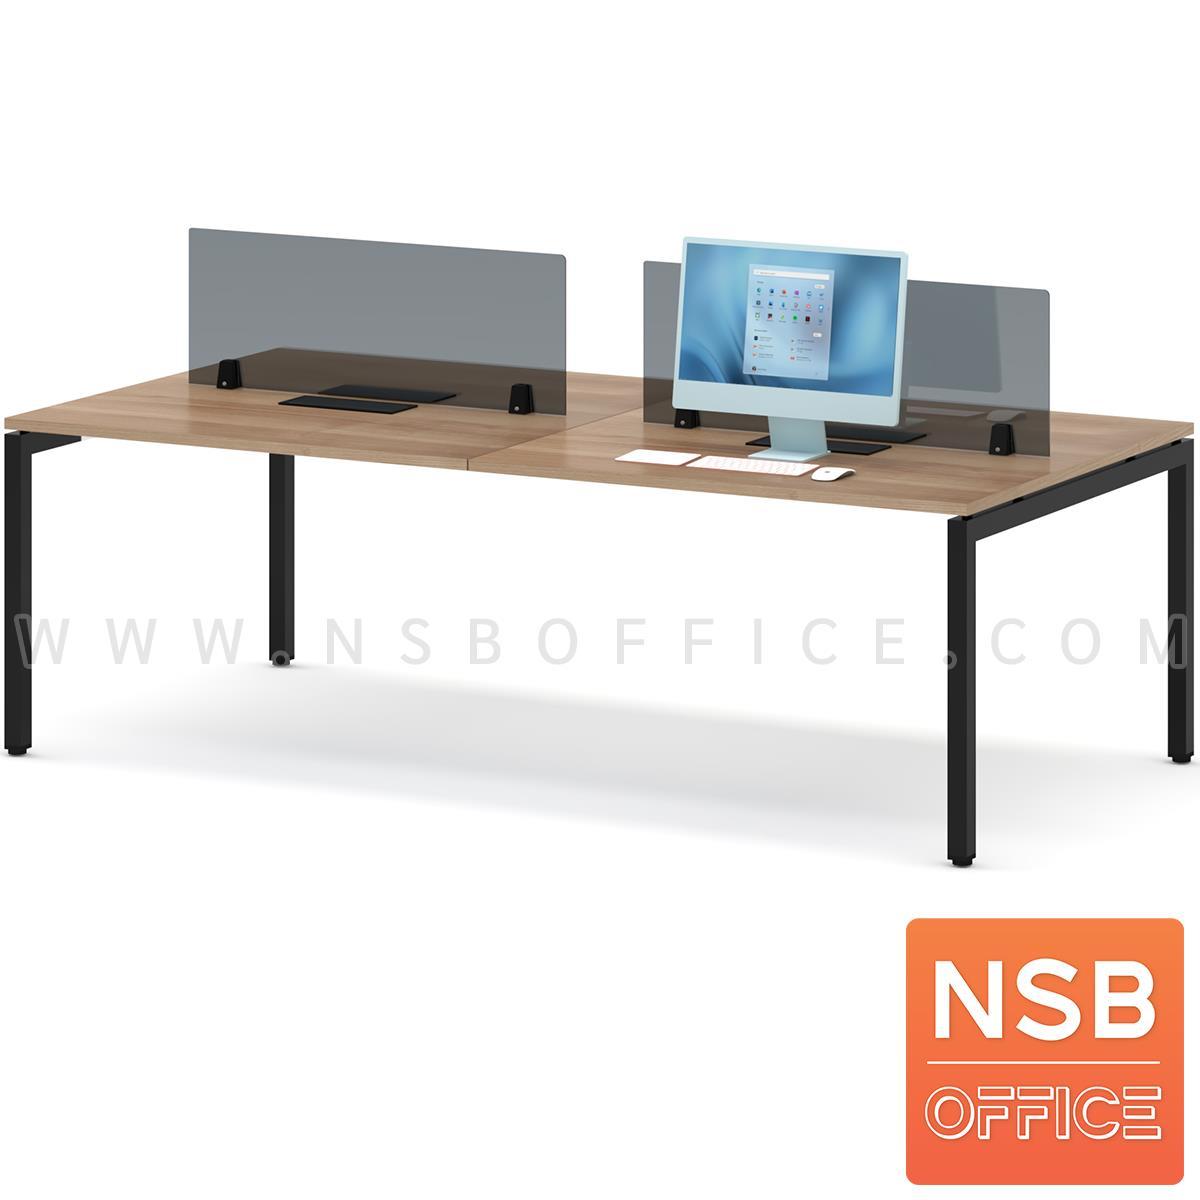 A04A140:ชุดโต๊ะทำงานกลุ่ม รุ่น Smart  พร้อมมินิสกรีนและกล่องไฟ A24A034-2 ทุกที่นั่ง